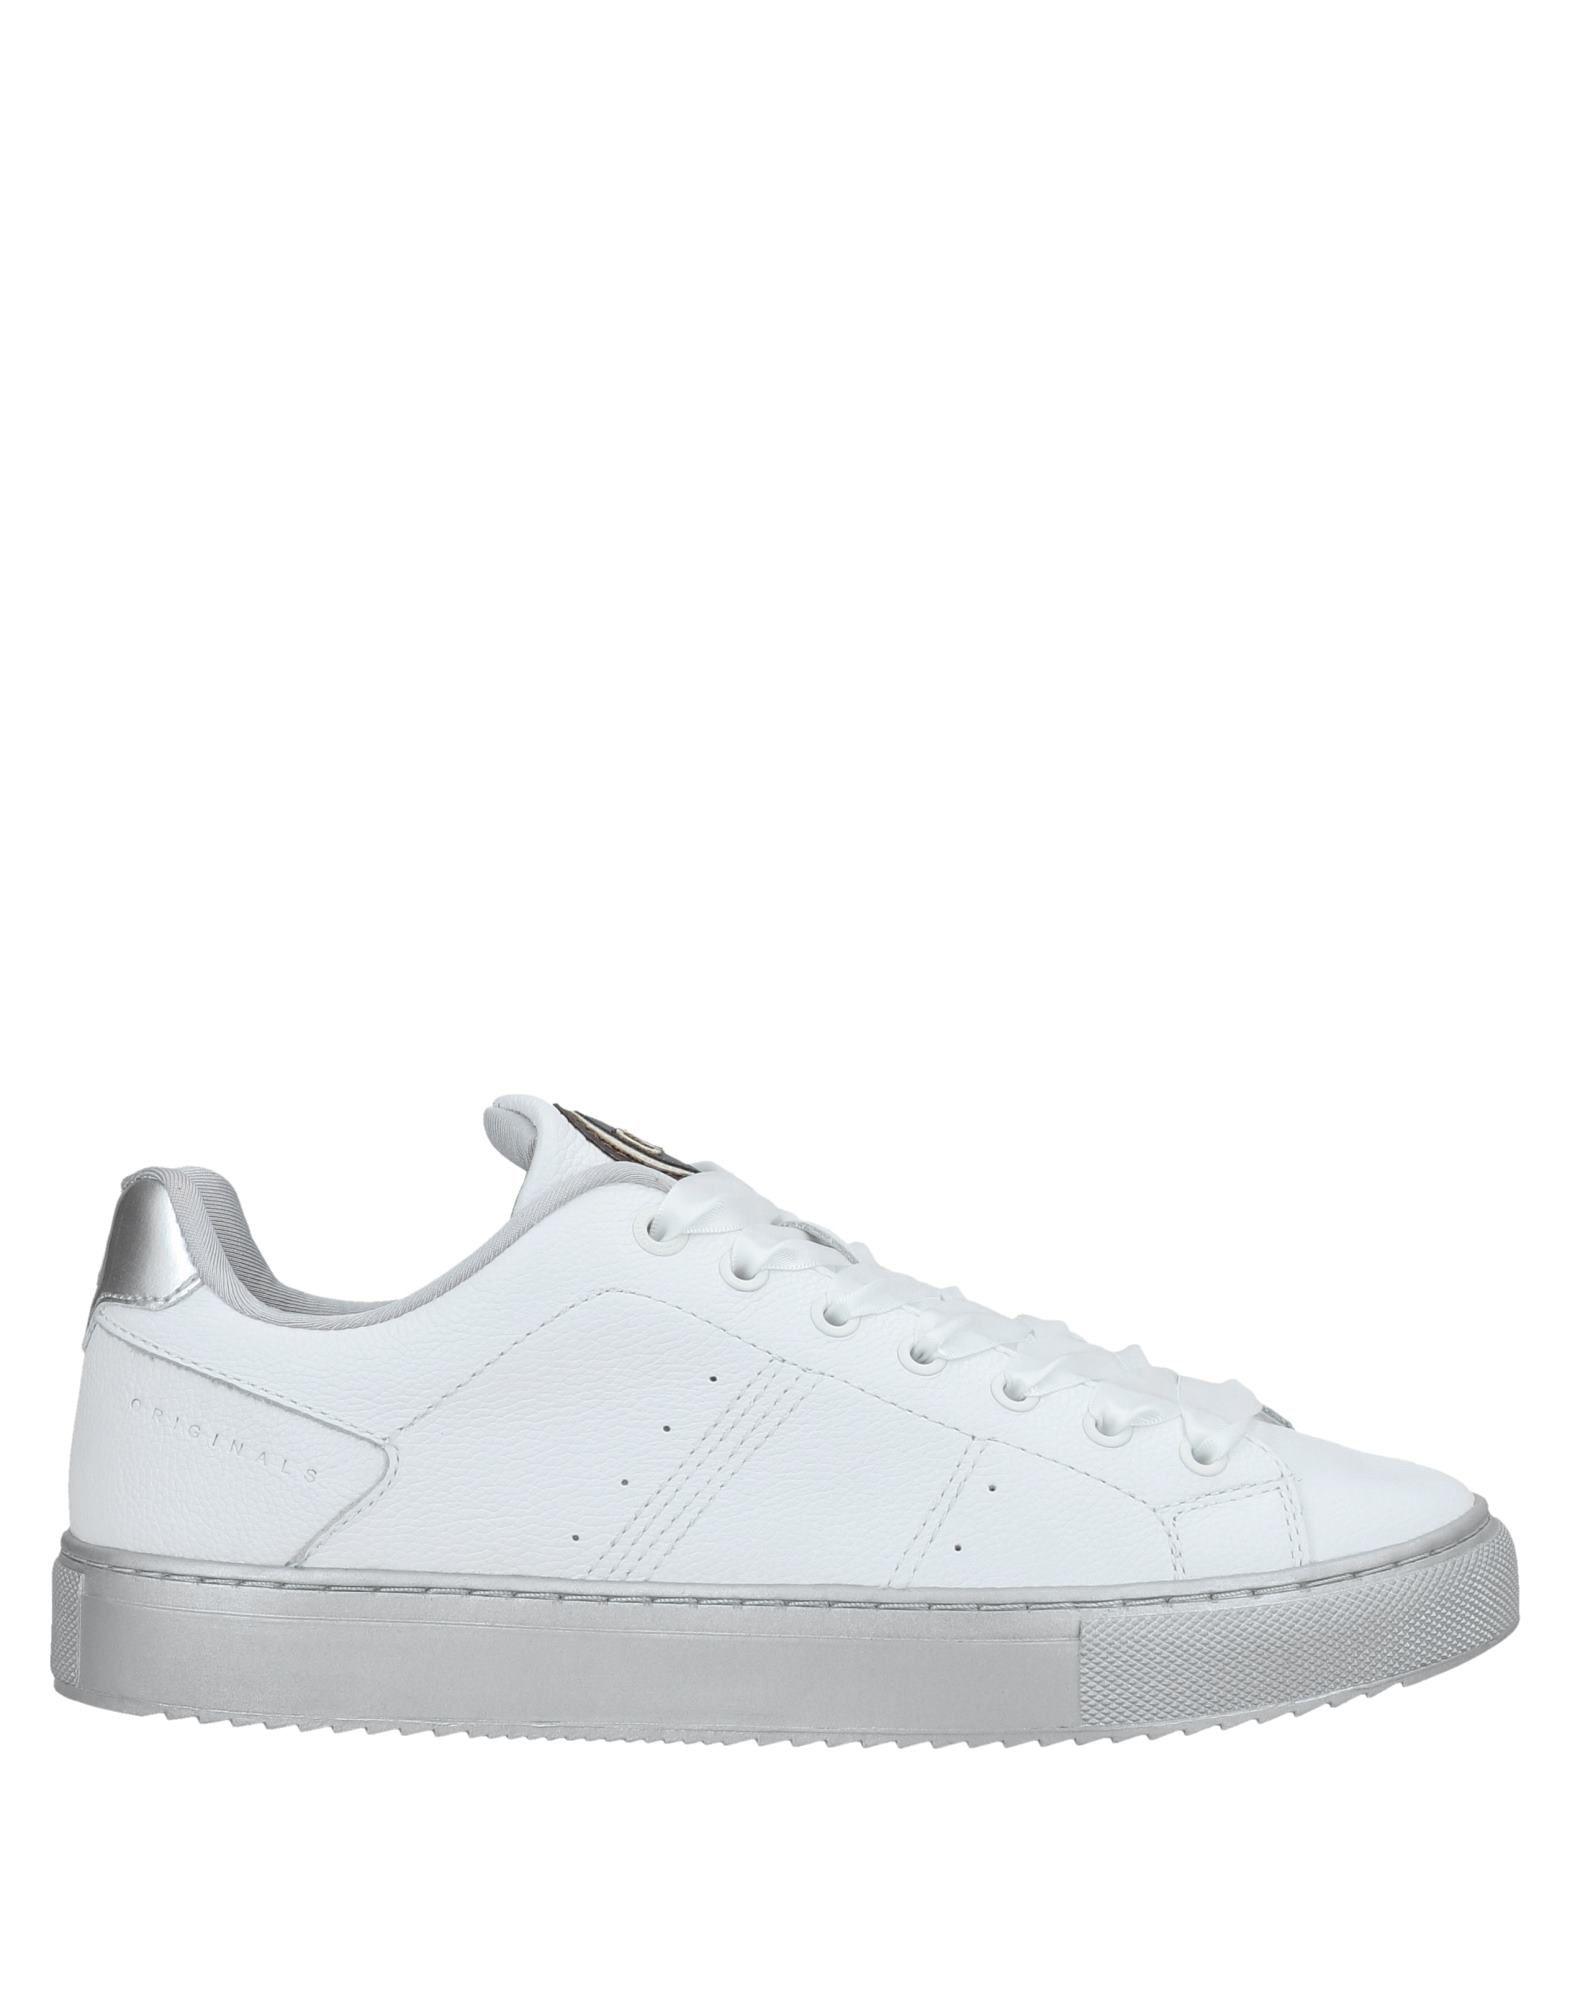 Colmar on Sneakers - Women Colmar Sneakers online on Colmar  Australia - 11553292AH f48e5e